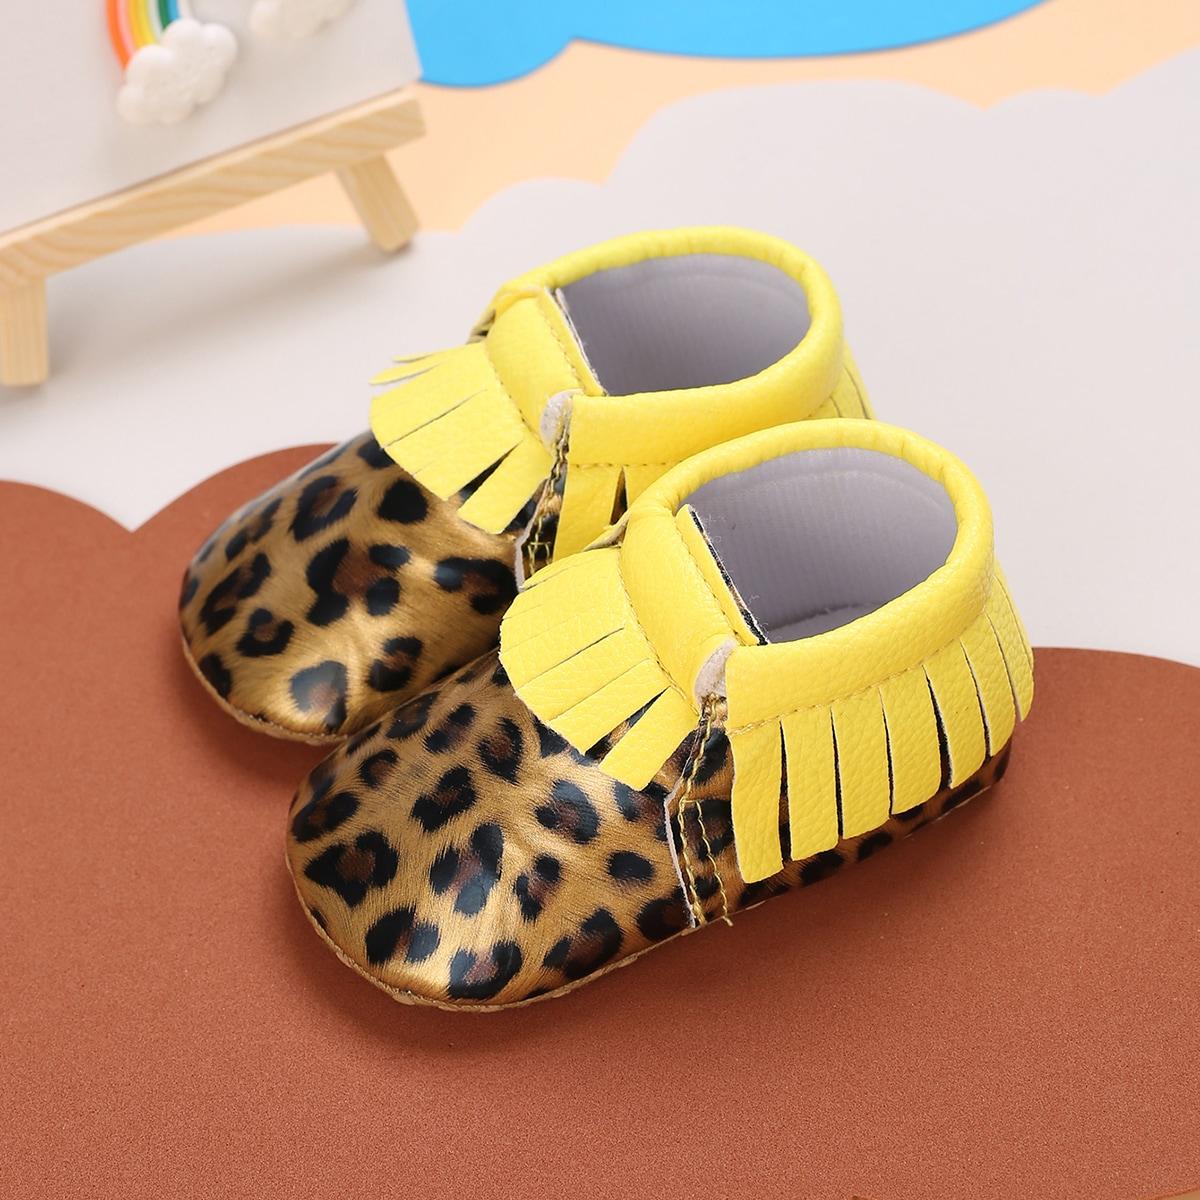 Ботинки с леопардовым принтом и бахромой для девочек